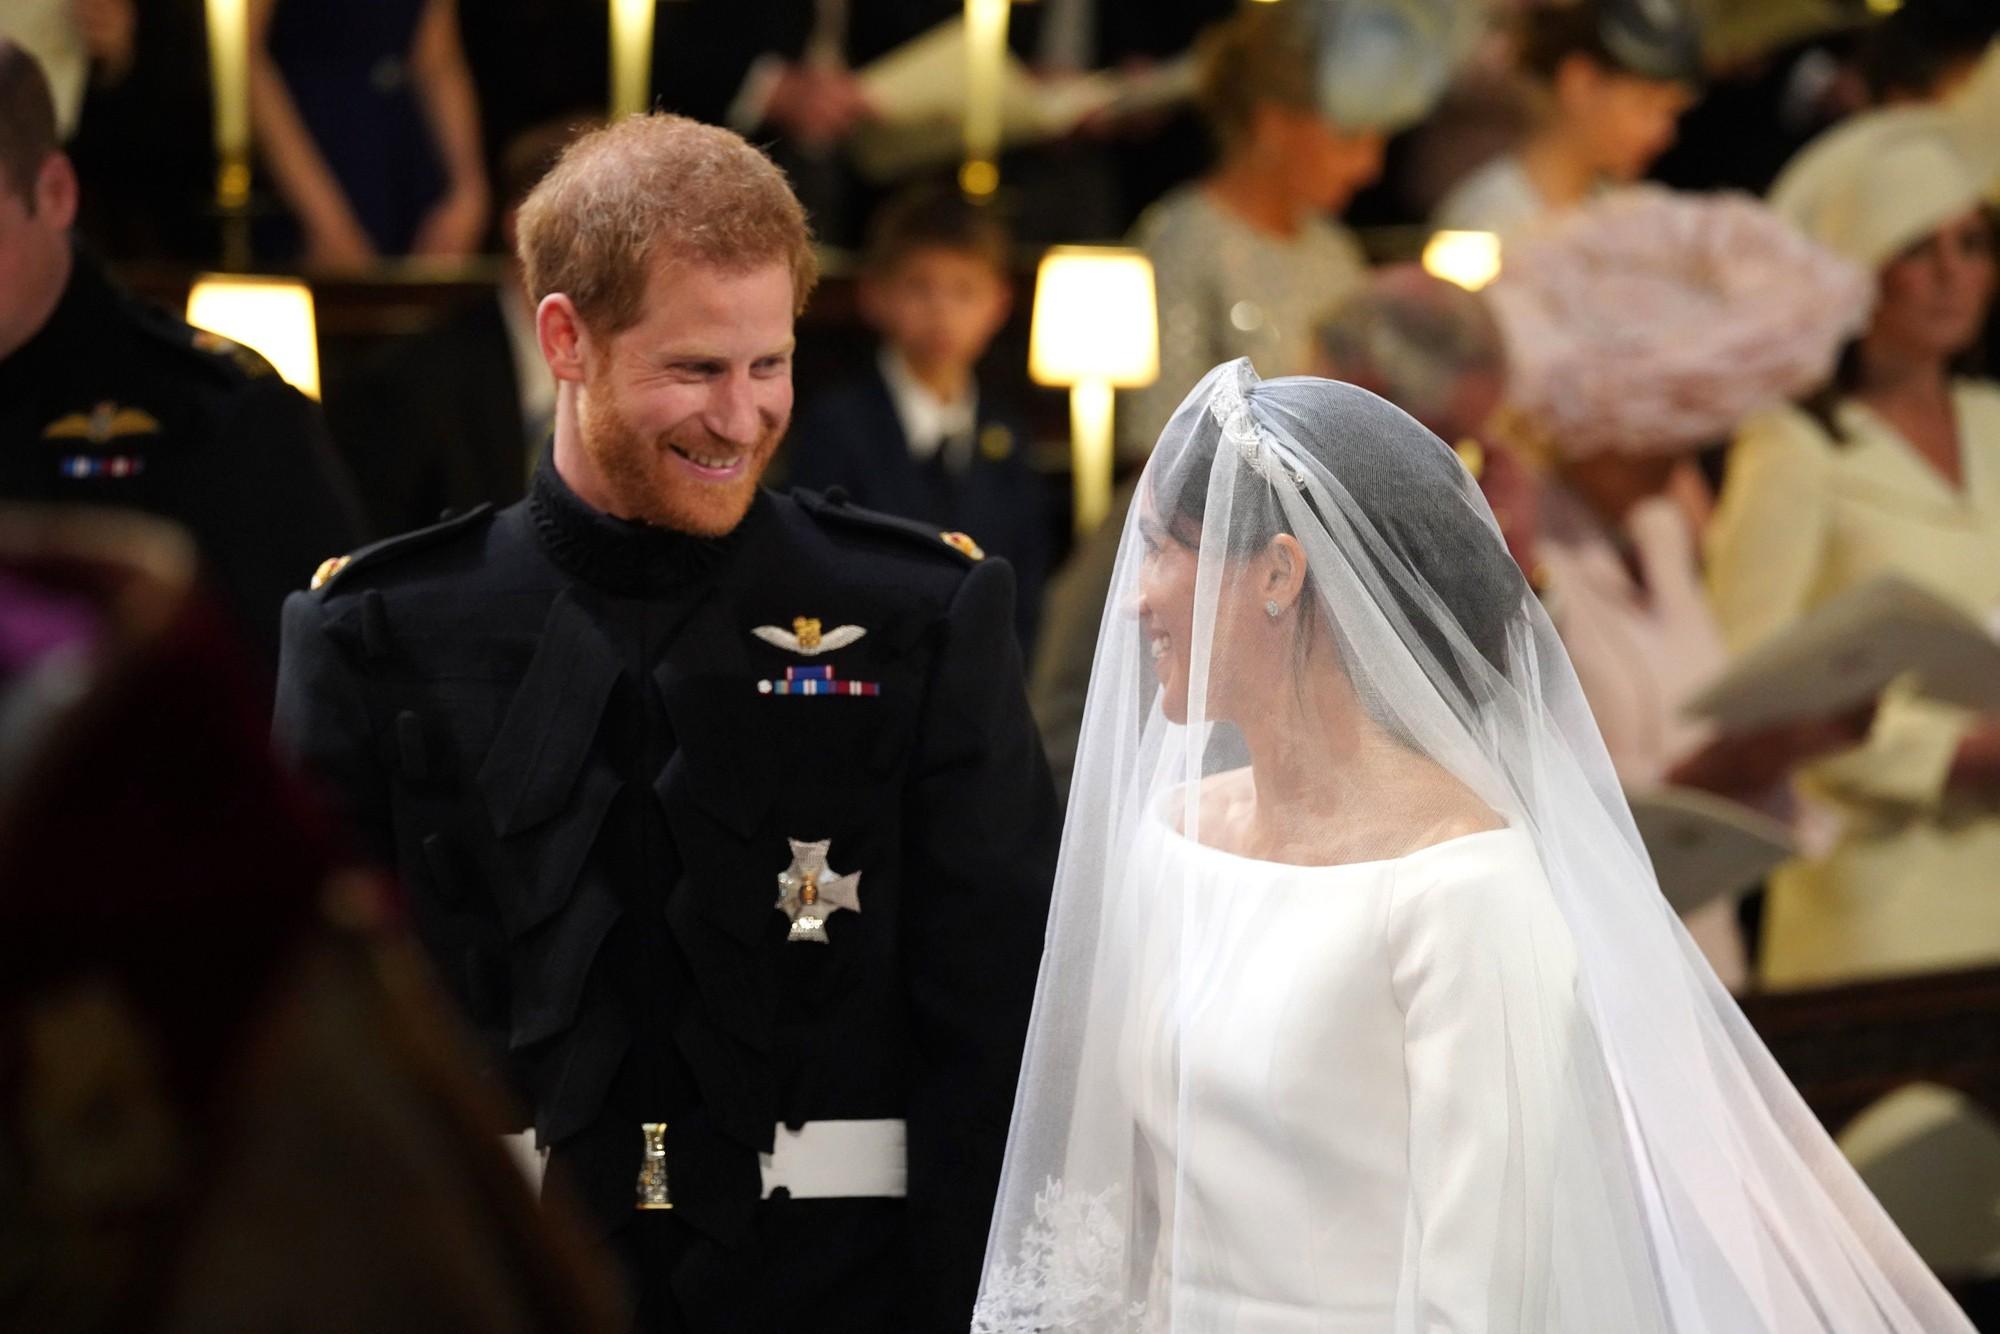 Ít ai biết rằng sau đám cưới, Hoàng tử Harry đã liên tục nói điều này với chuyên gia trang điểm của Meghan Markle 3